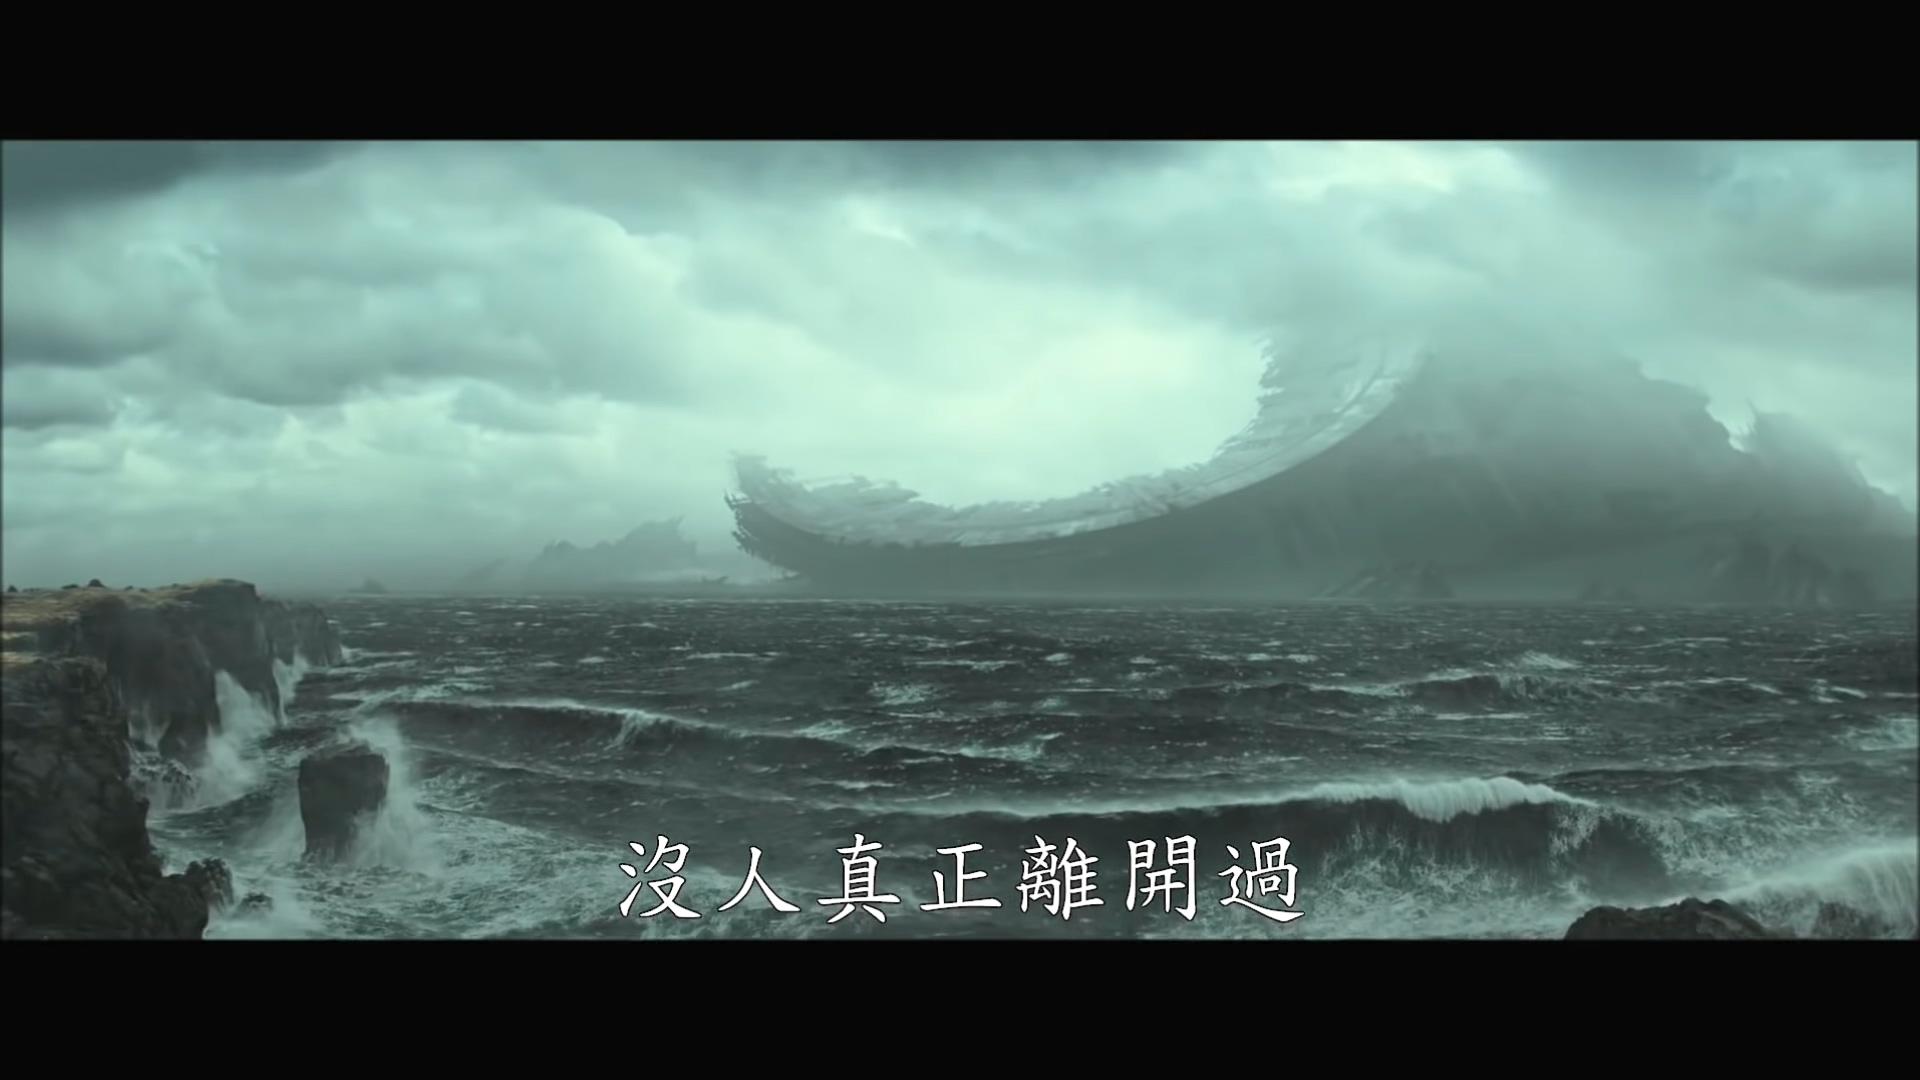 《星球大战9》首曝中文预告 帕尔帕廷皇帝复活